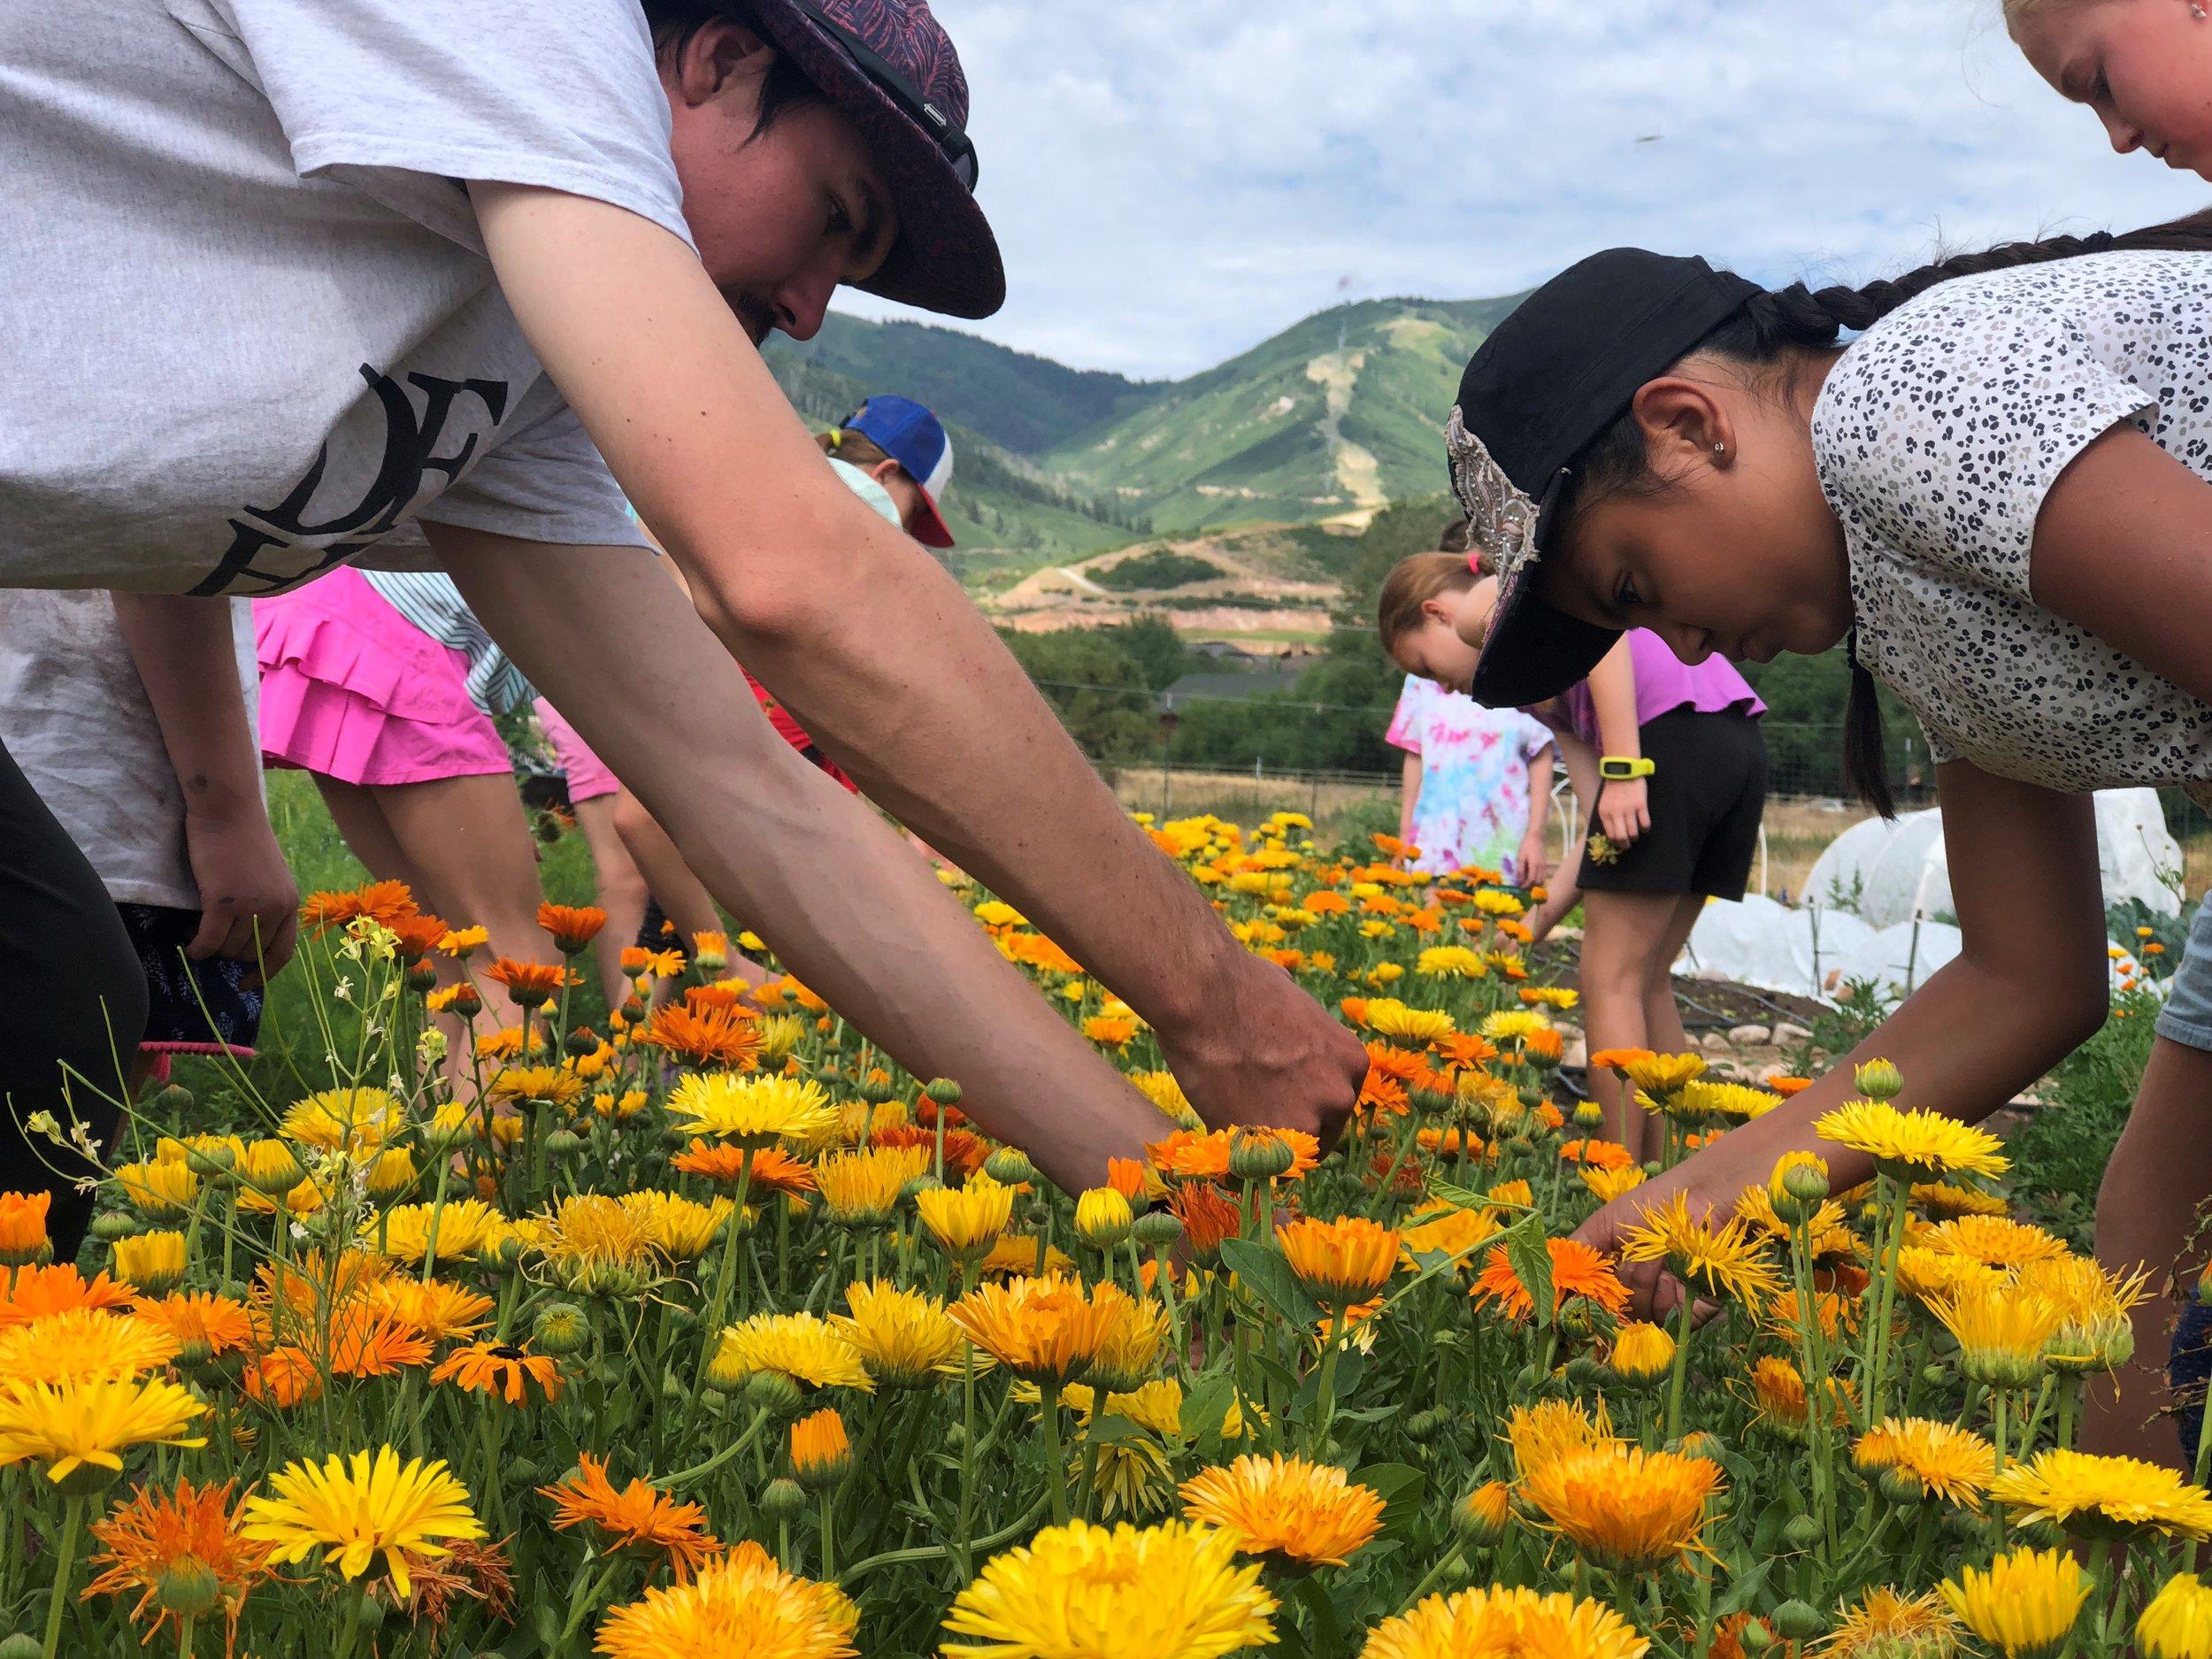 Bridger, Campers, Looking for Bugs in Flowers.jpg